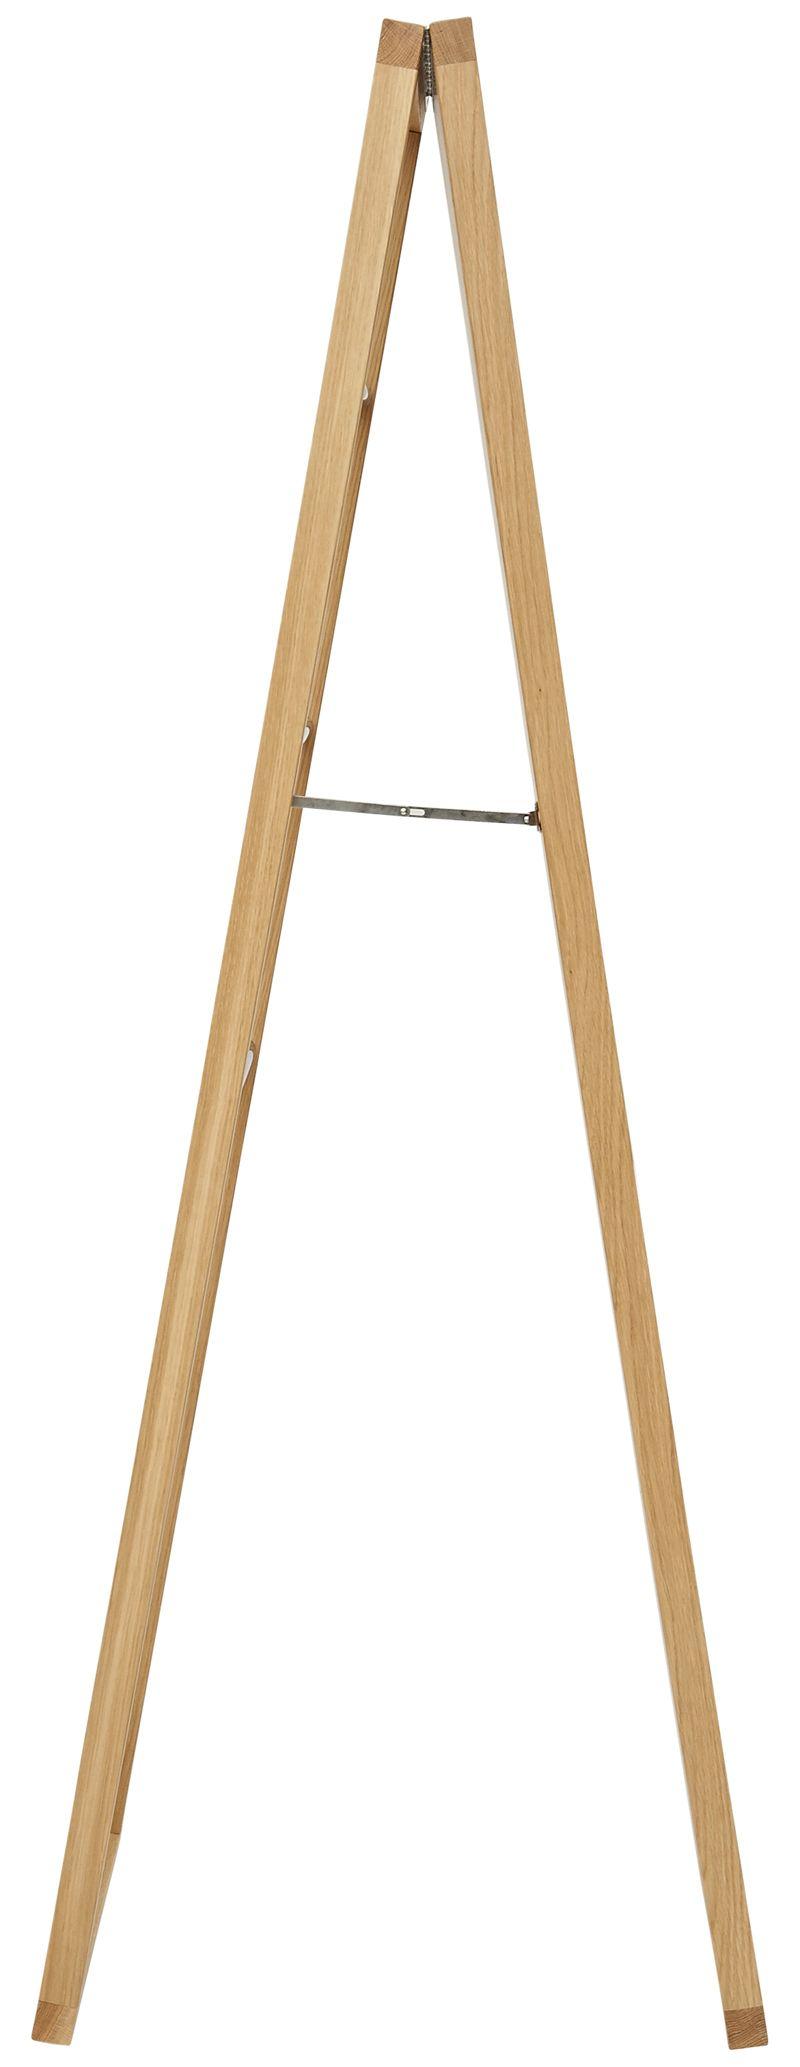 Woodman - NewEst Spejl - Lys træ - Spejl 160x45 cm